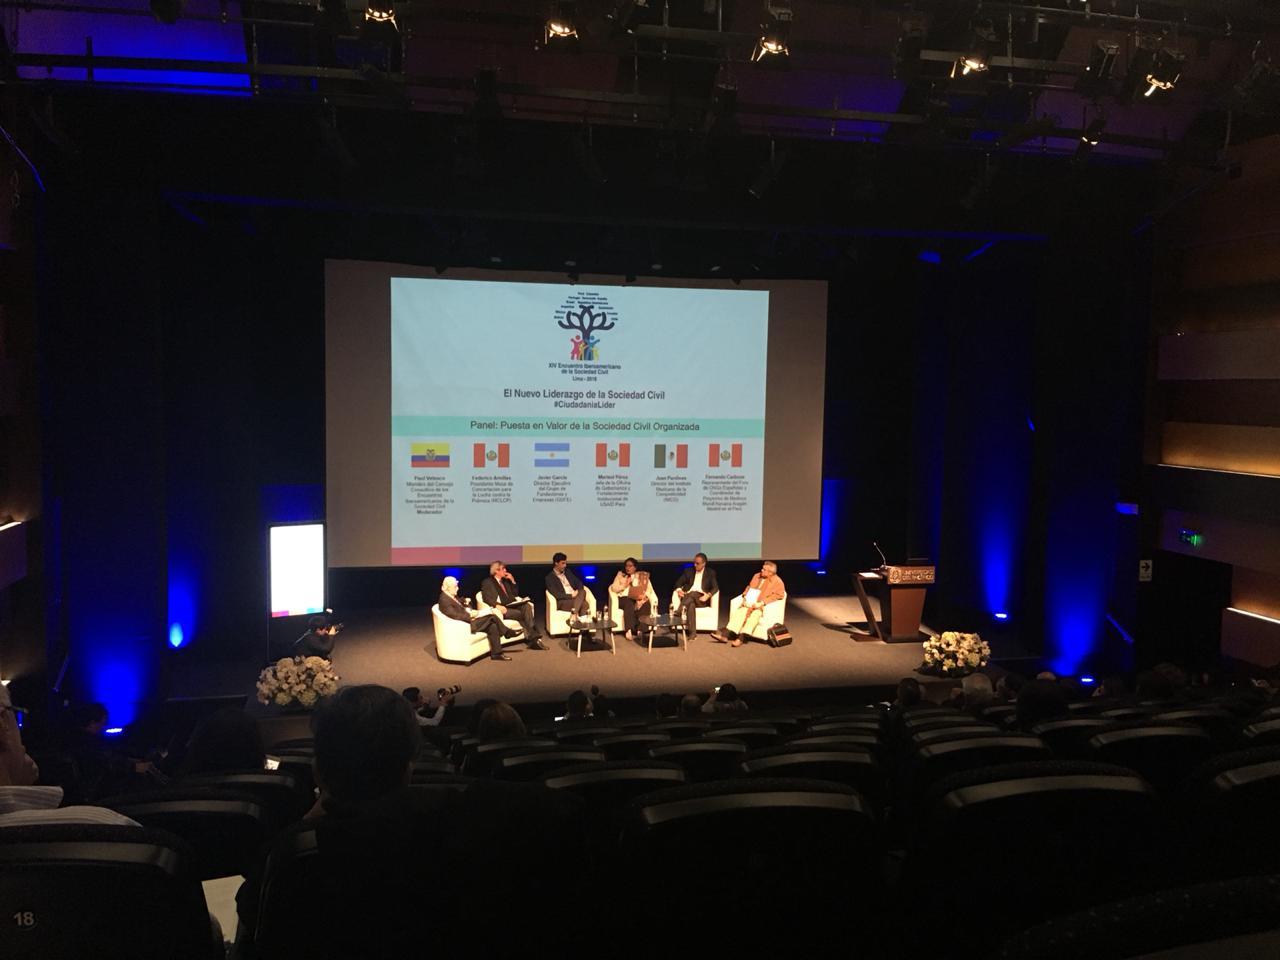 Duxers em Lima: Articulação dos poderes público e privado para gerar valor e transformação social